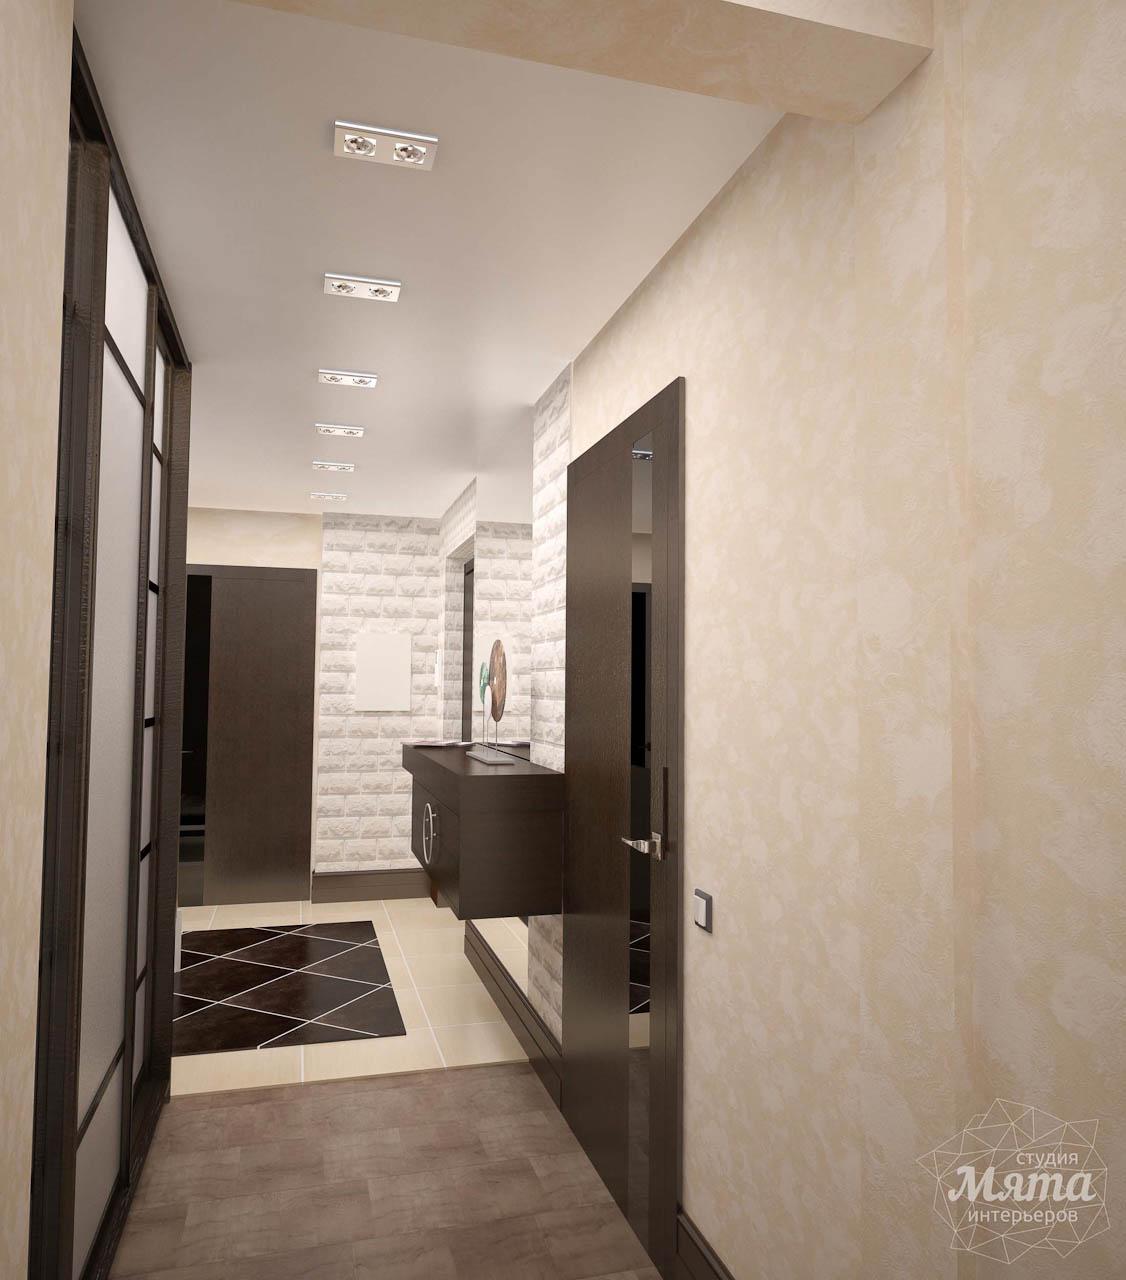 Дизайн интерьера трехкомнатной квартиры по ул. Белинского 222 img1948227614